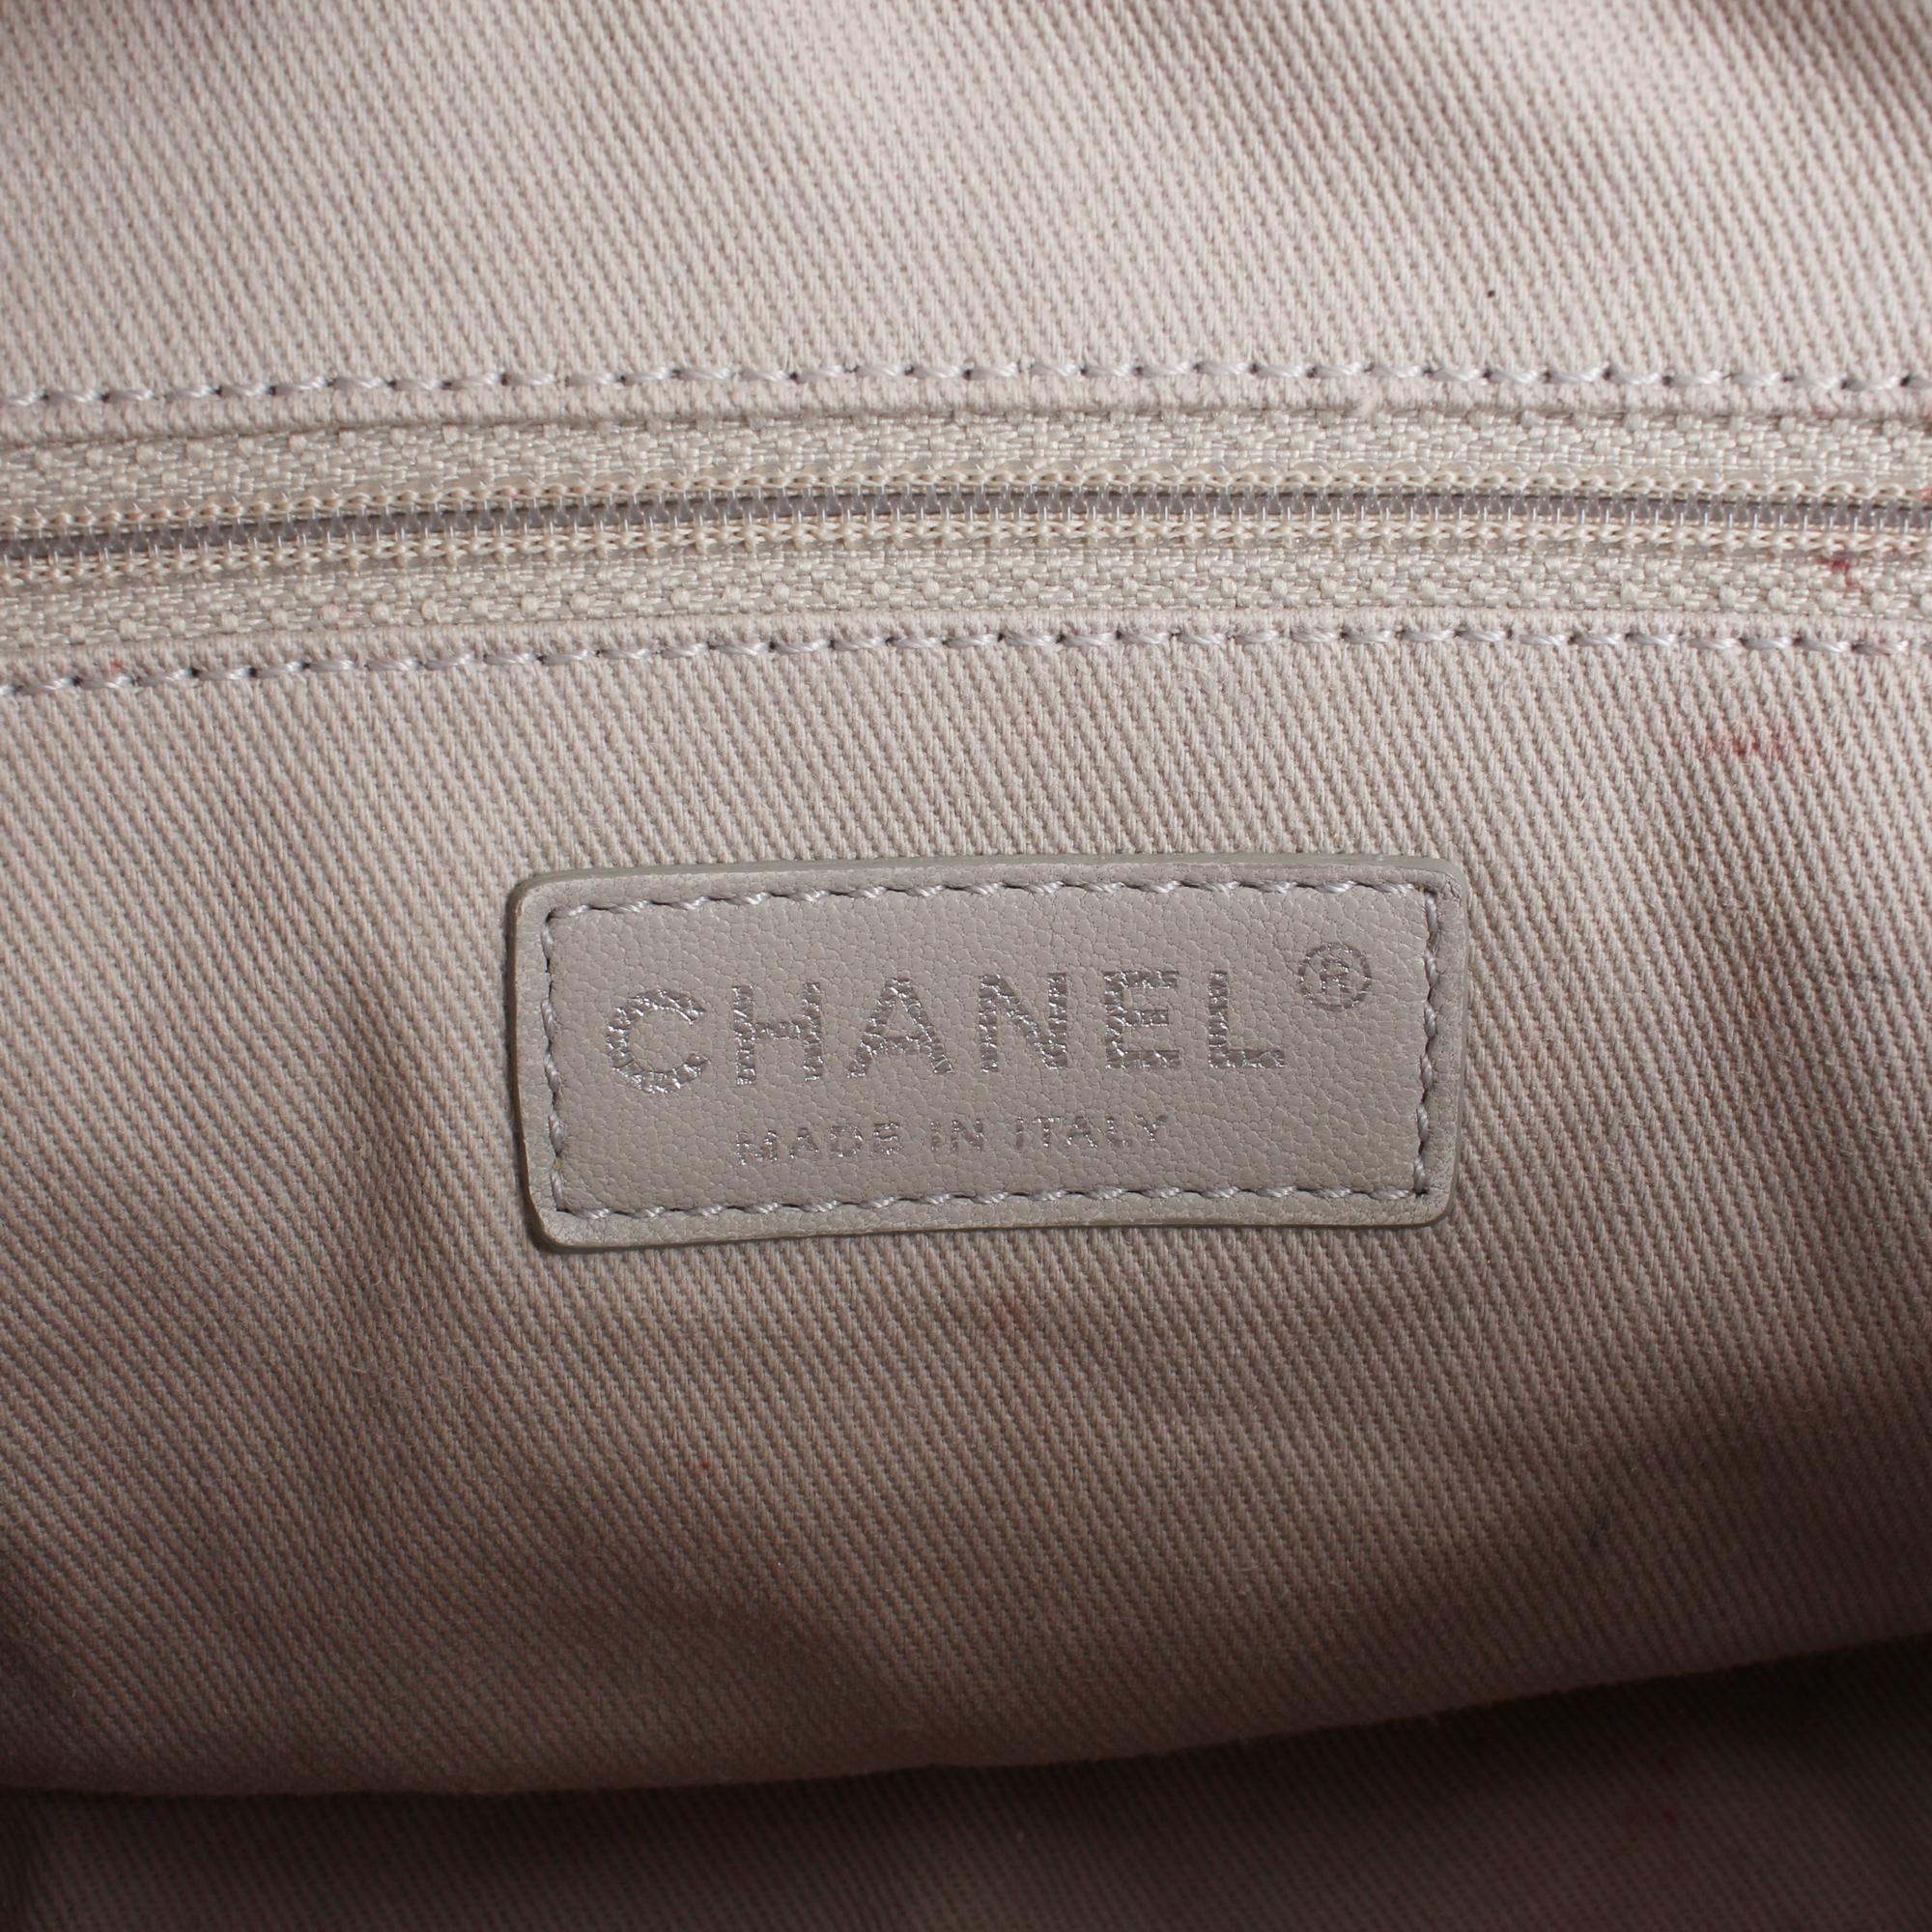 bolso chanel easy zip mediano piel caviar blanca marca